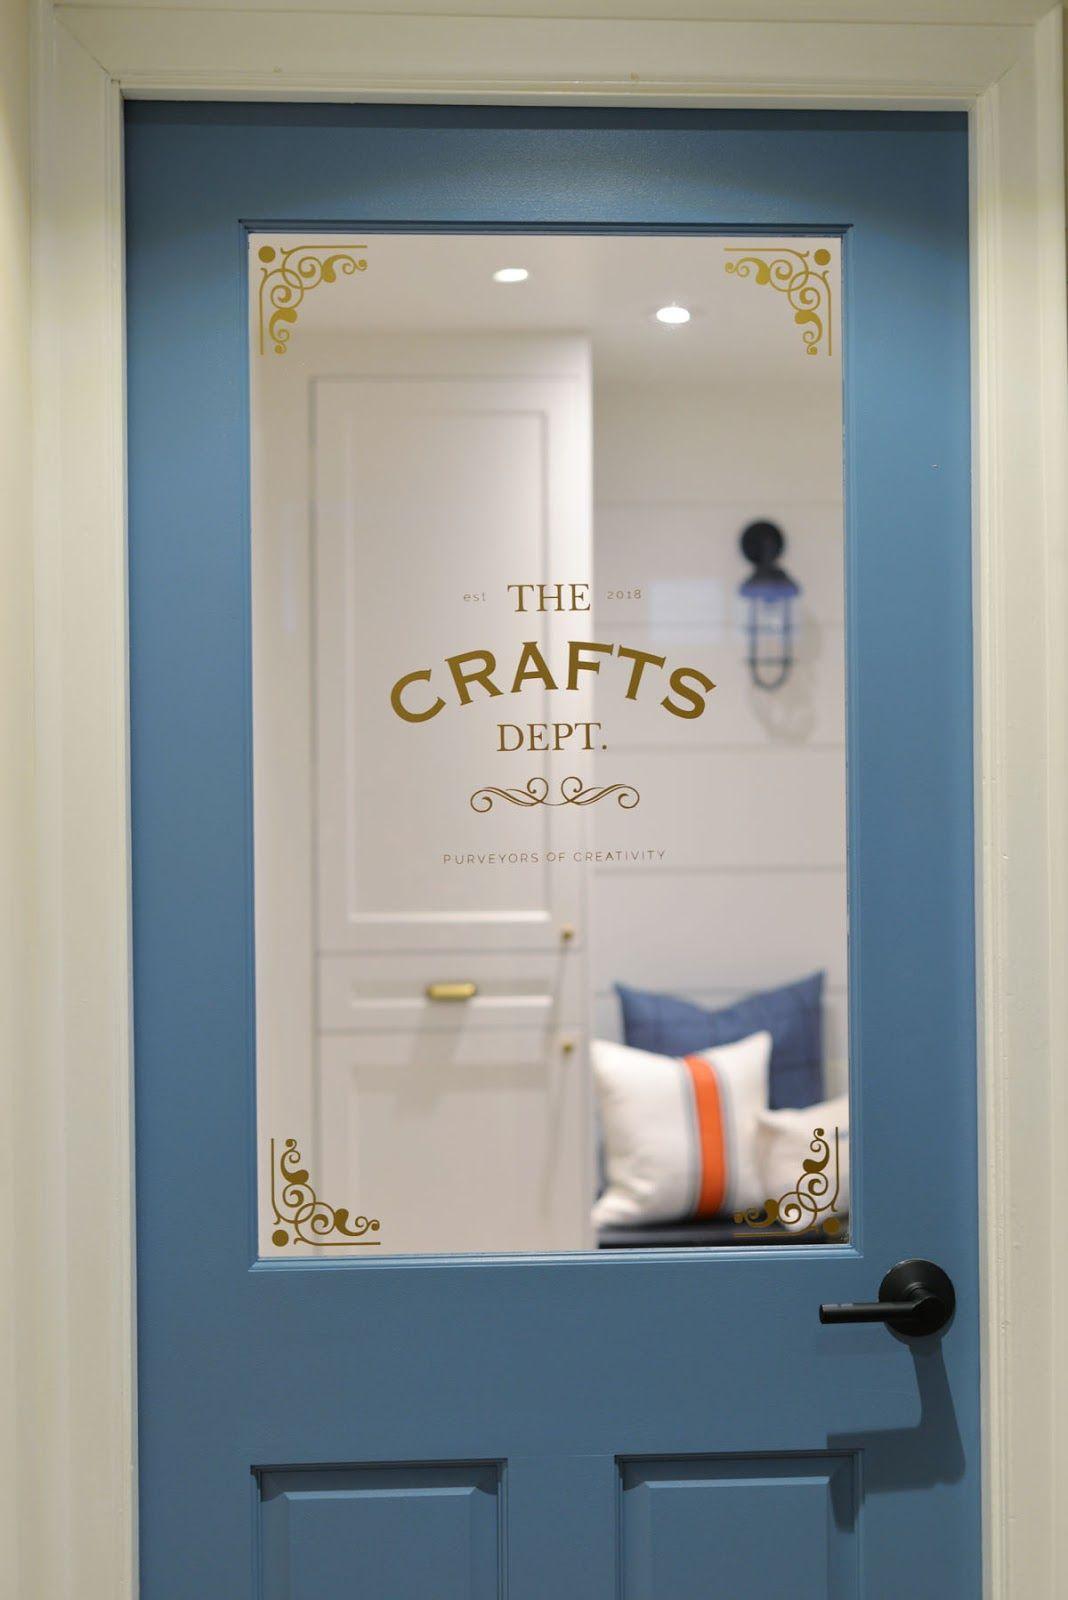 Rambling Renovators: #ProjectCraftsDept: A Craft Room Door